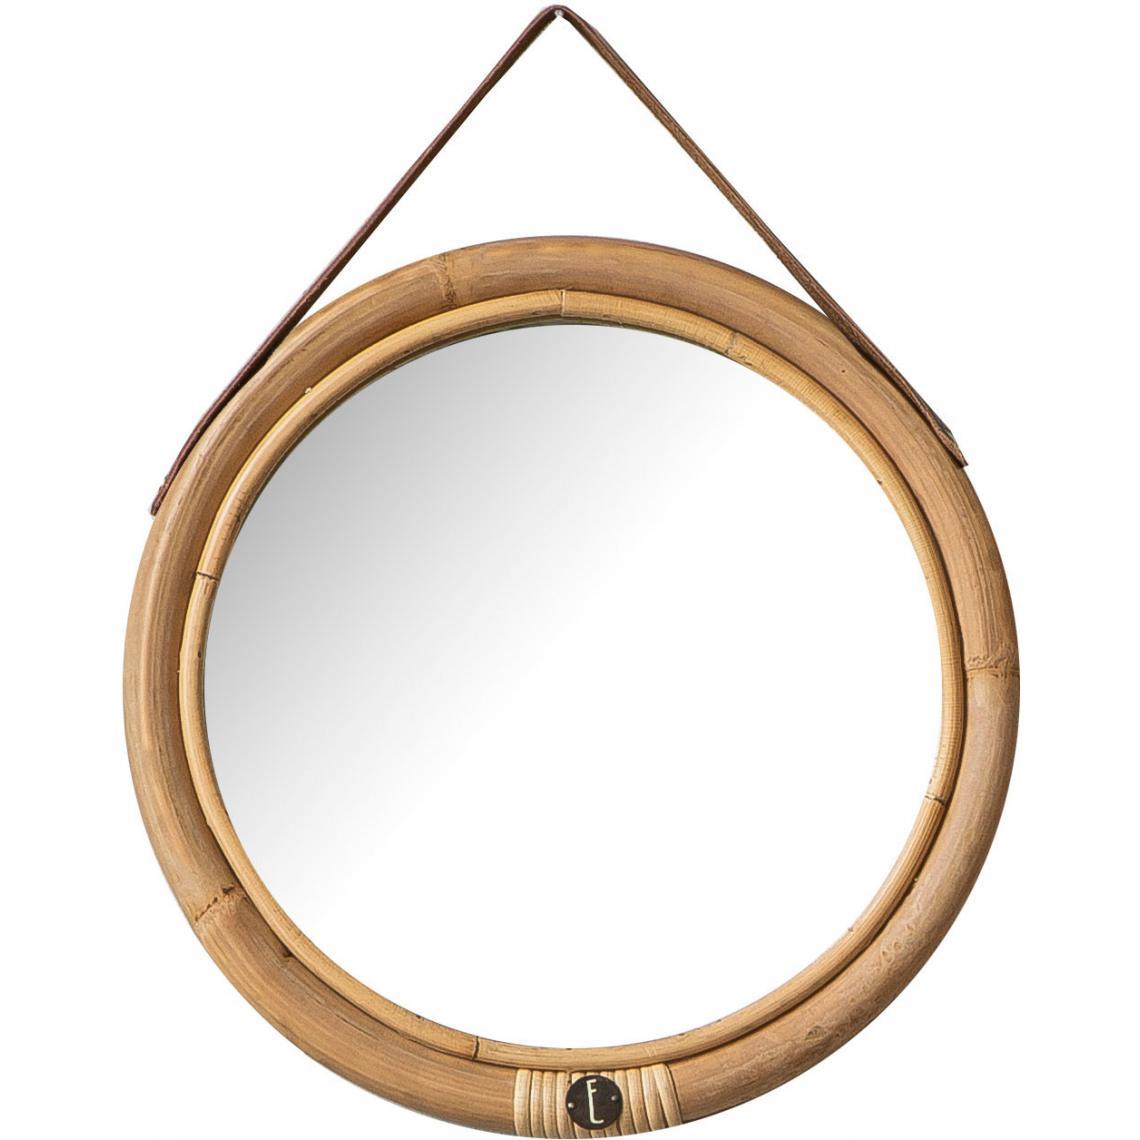 miroir rond o32 cadre en rotin et sangle en cuir bolivia